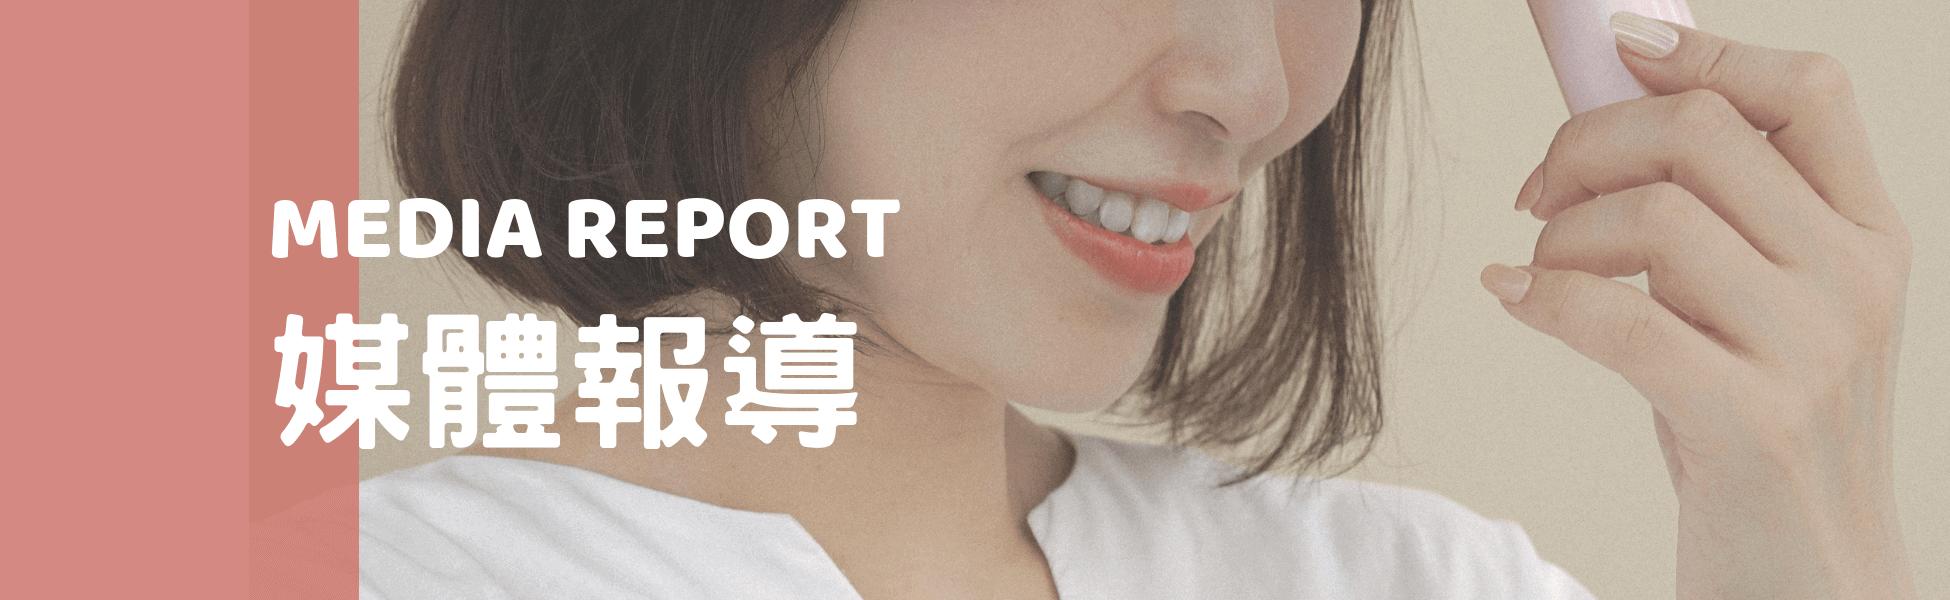 媒體報導 鄭榕榕 經濟日報 商業週刊